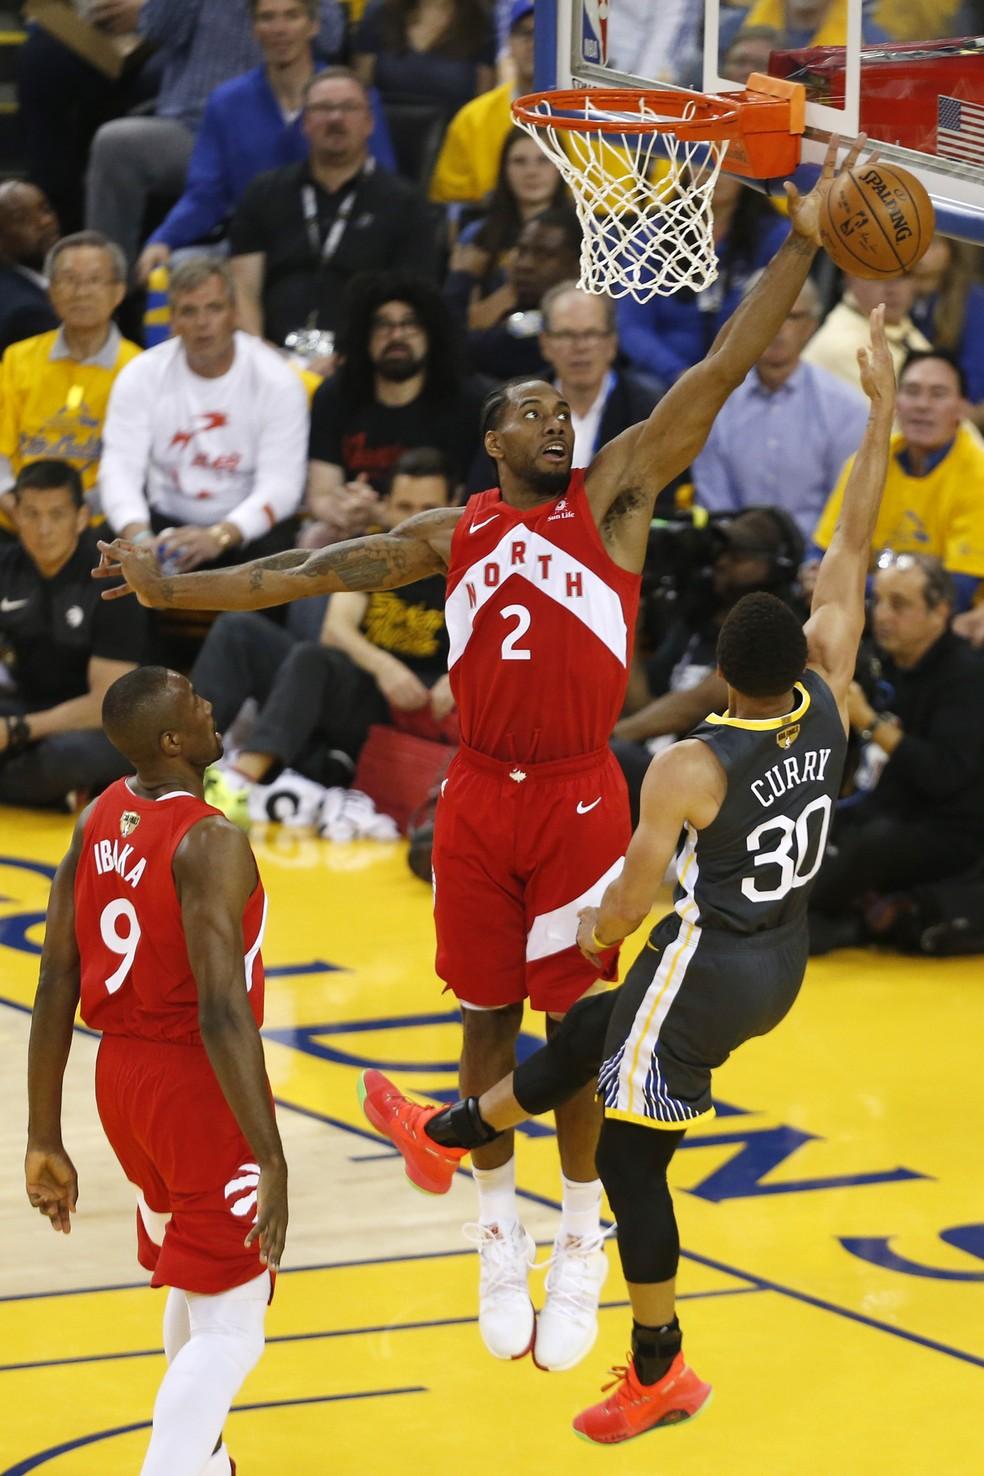 Kawhi e Curry no garrafão do jogo 6 da final entre Warriors e Raptors — Foto: Lachlan Cunningham/Getty Images